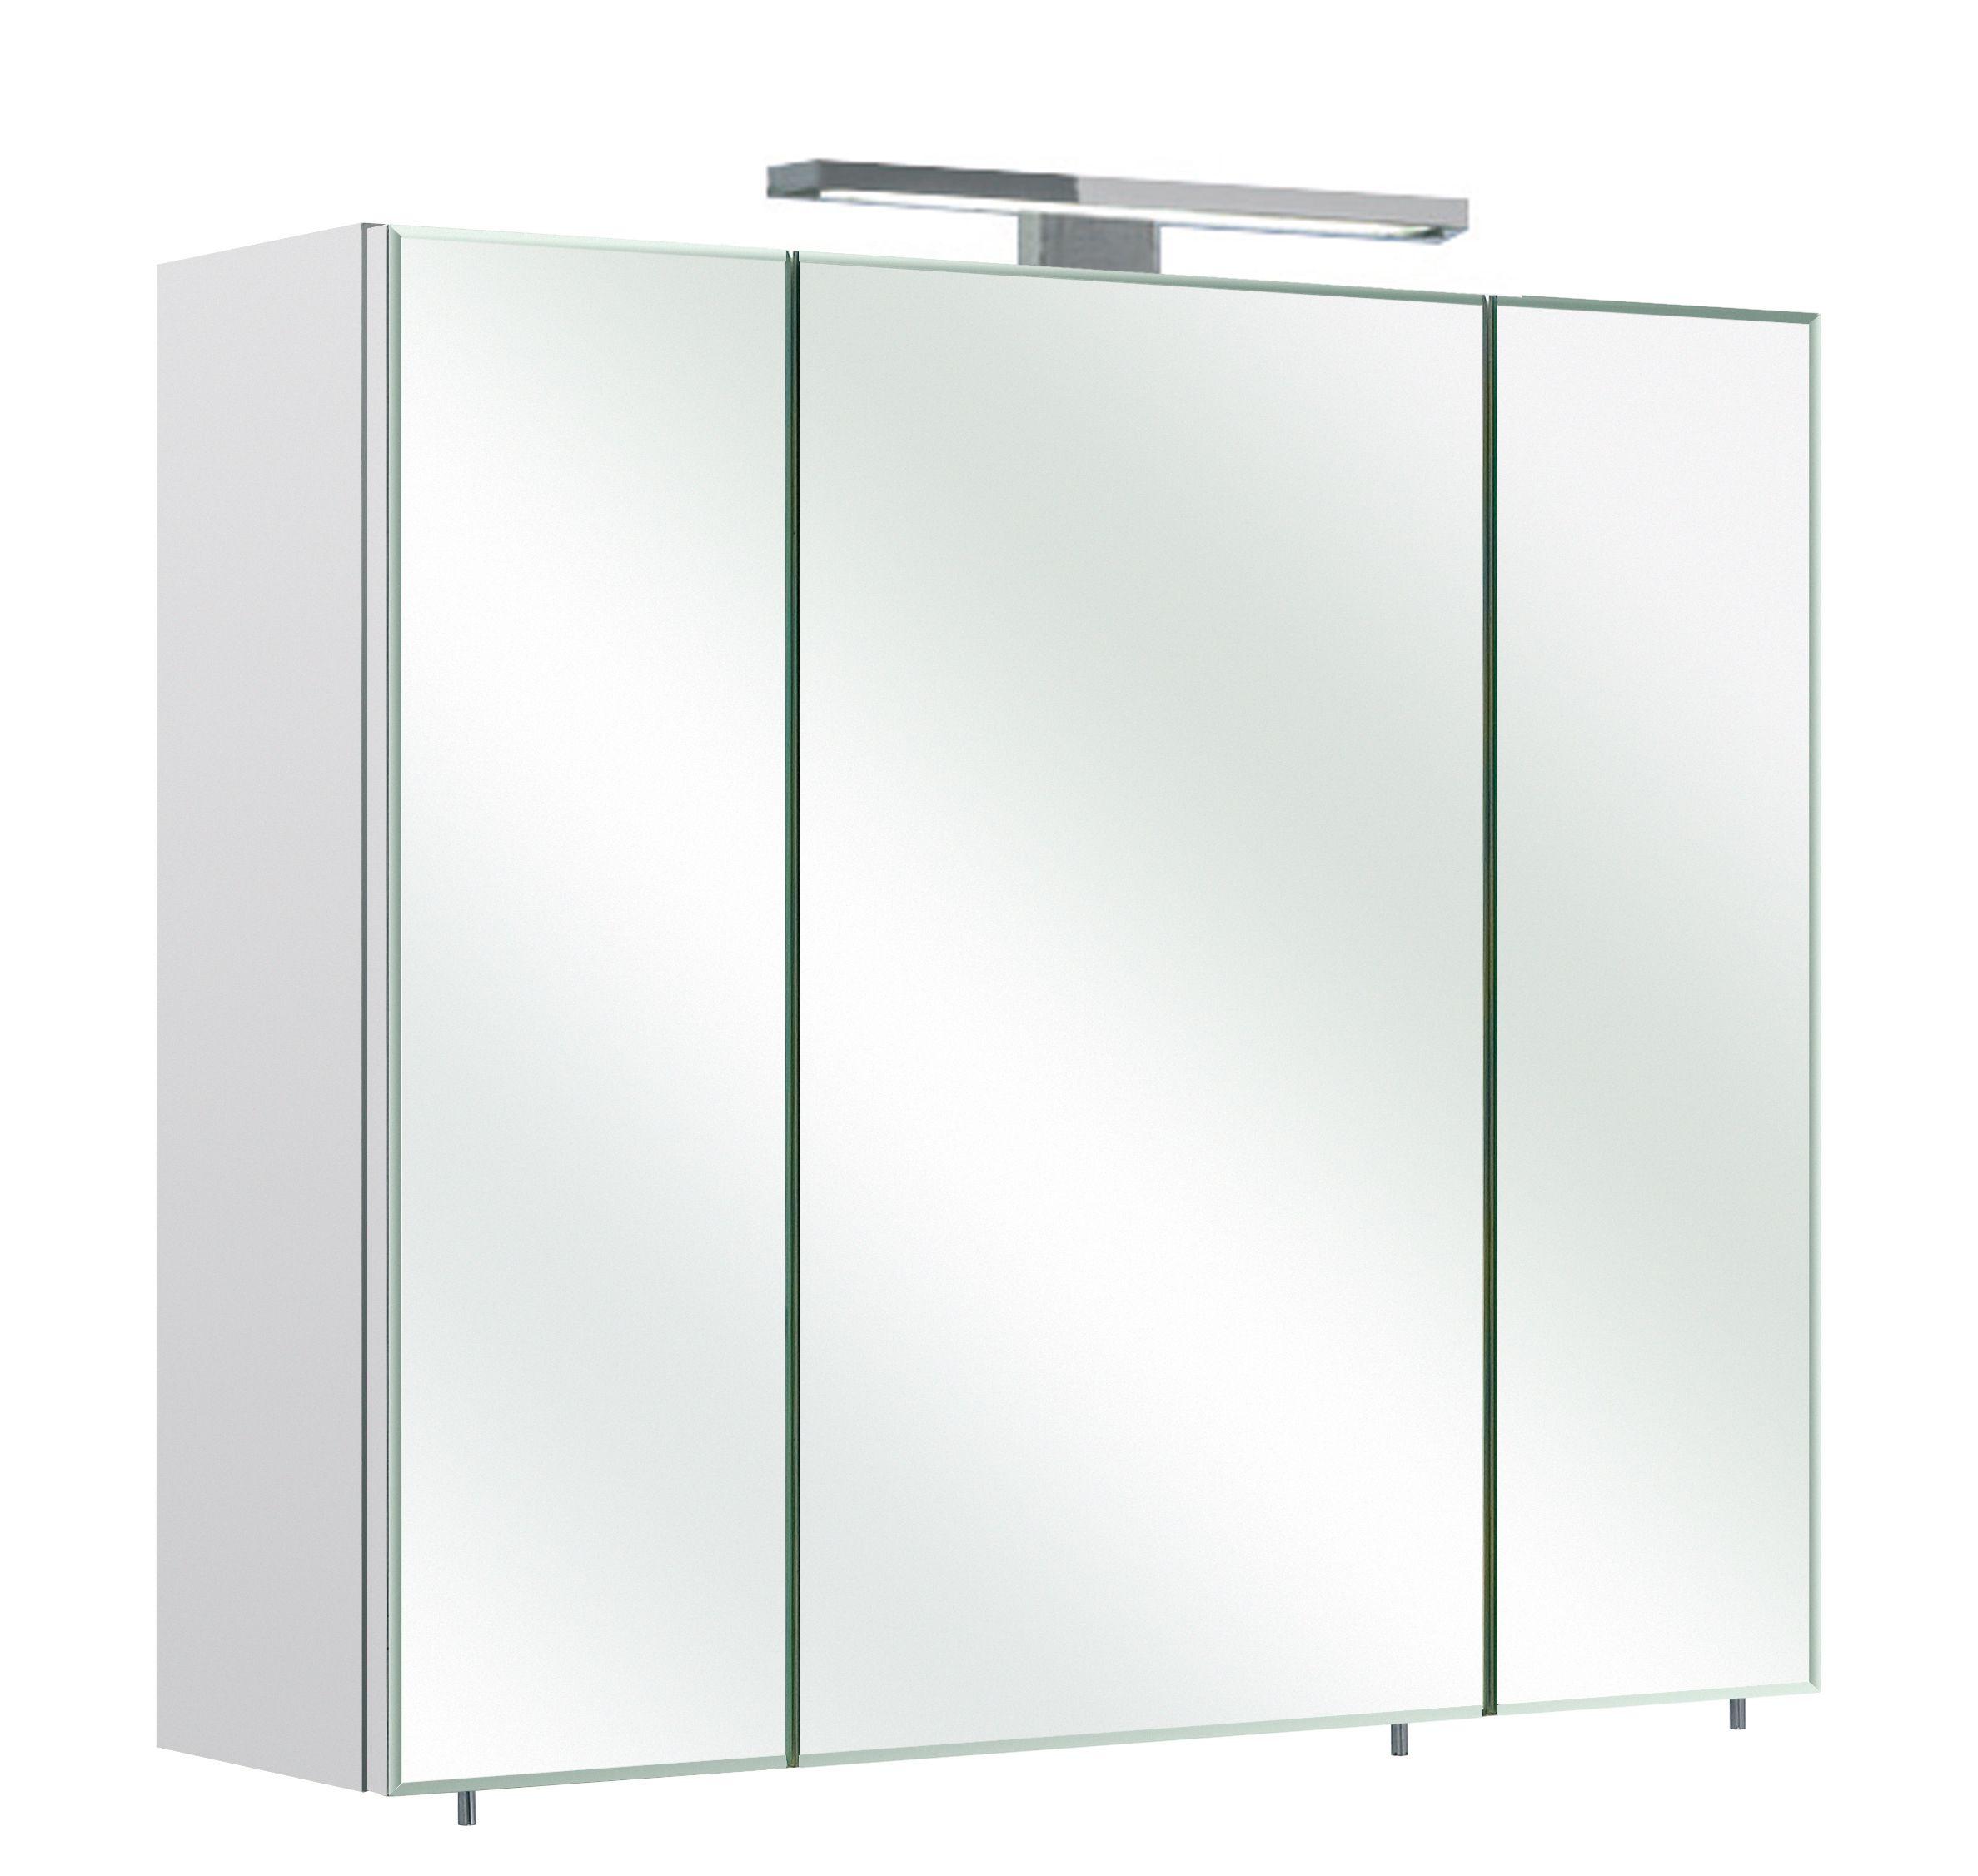 Spiegelschrank Mit Bildern Spiegelschrank Schrank Spiegel